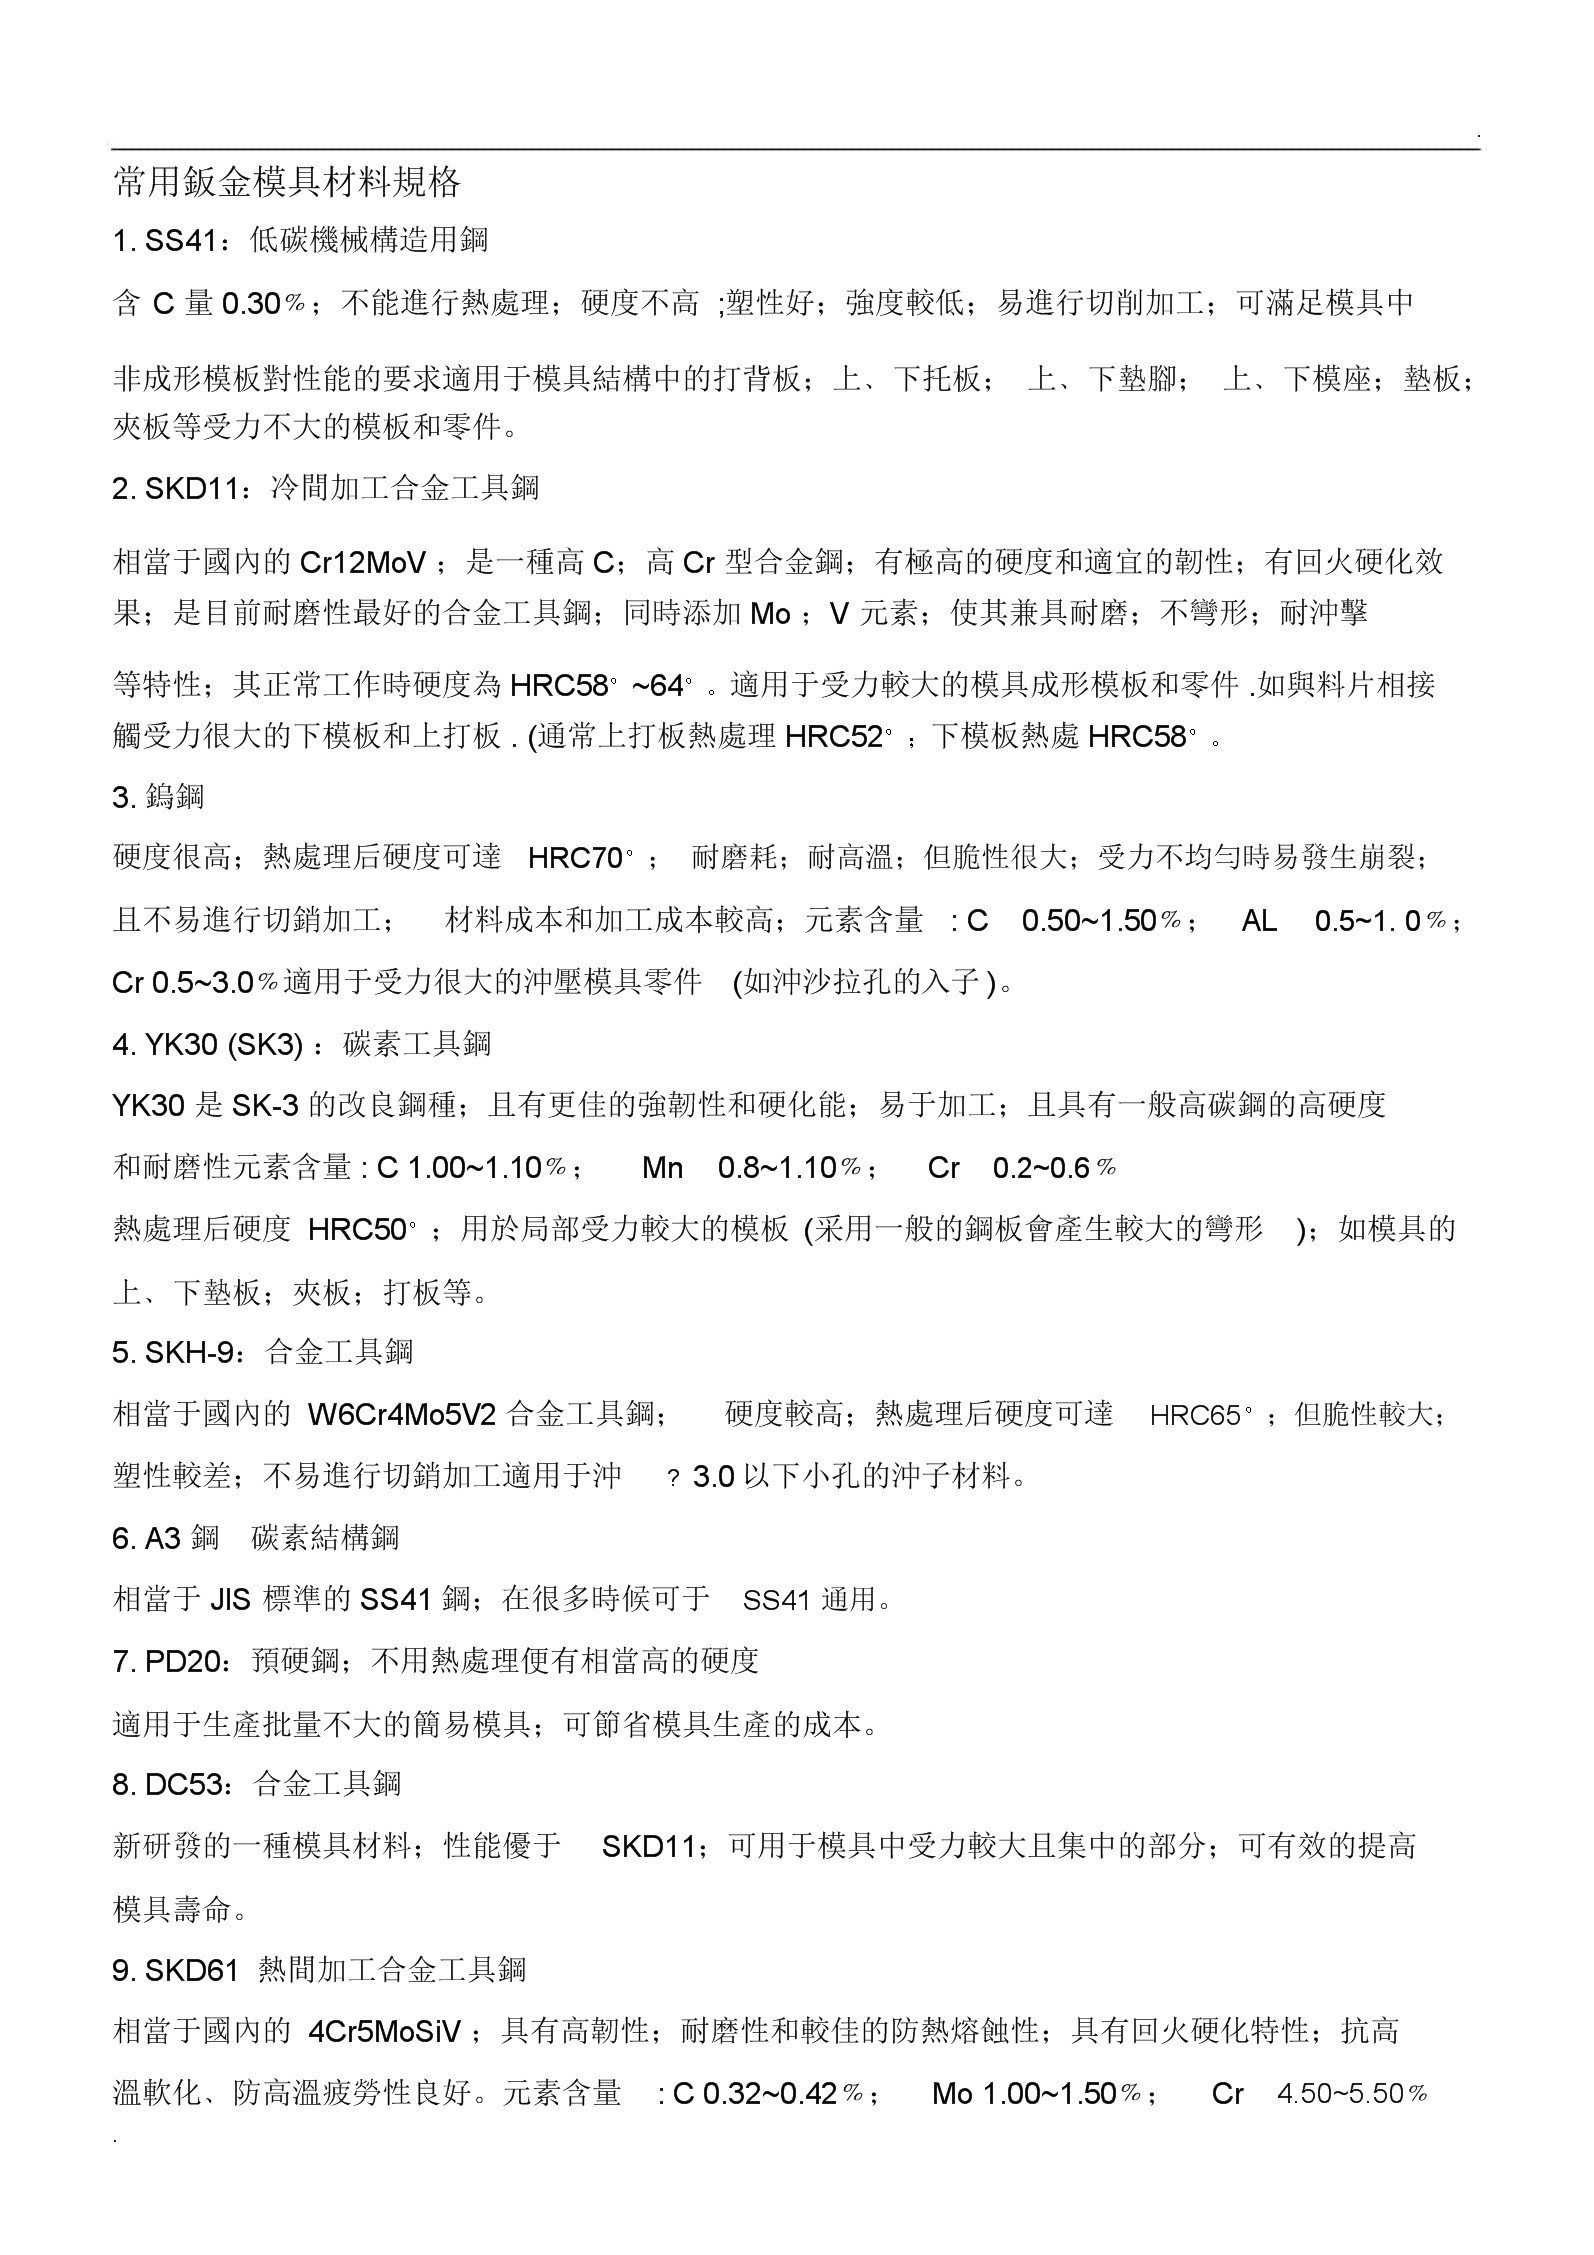 钣金模具材料规格.docx